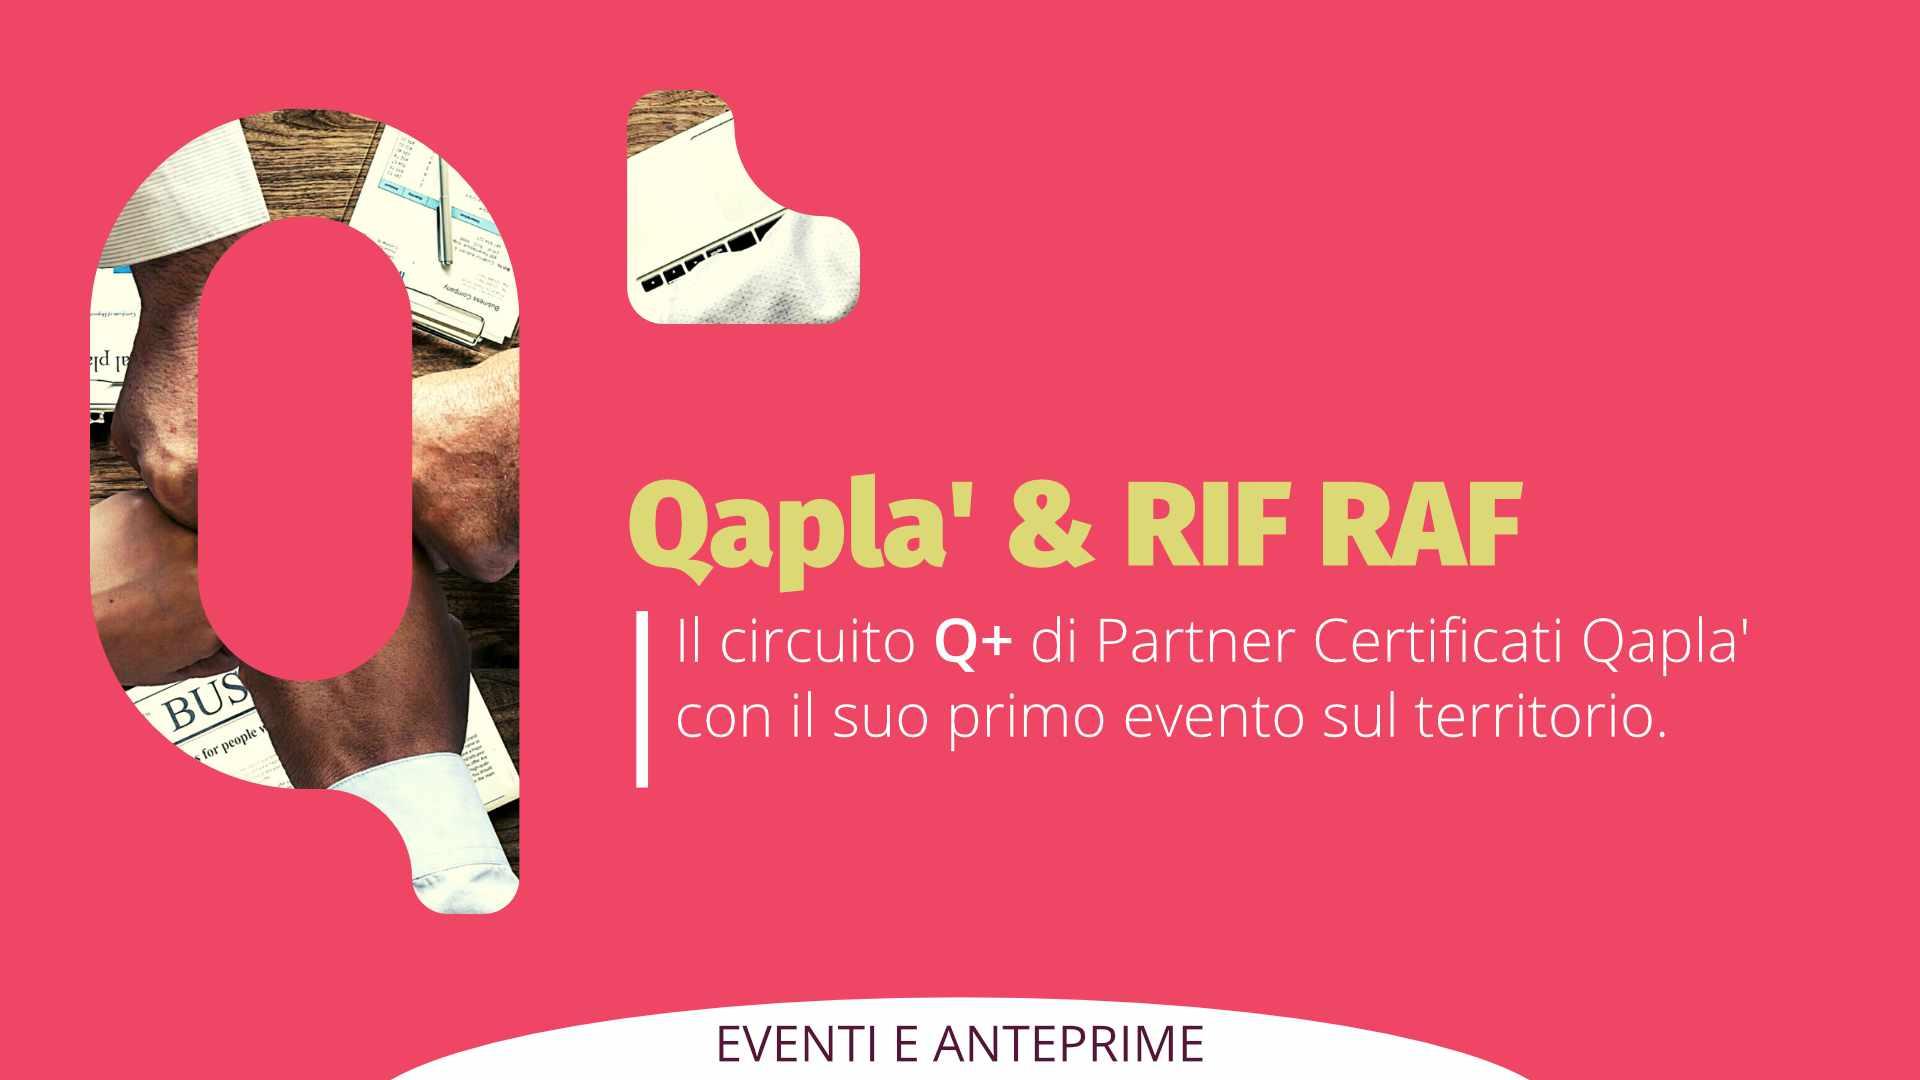 Il Primo evento Q+: workshop Qapla' & RIF RAF il 18 Settembre a Napoli